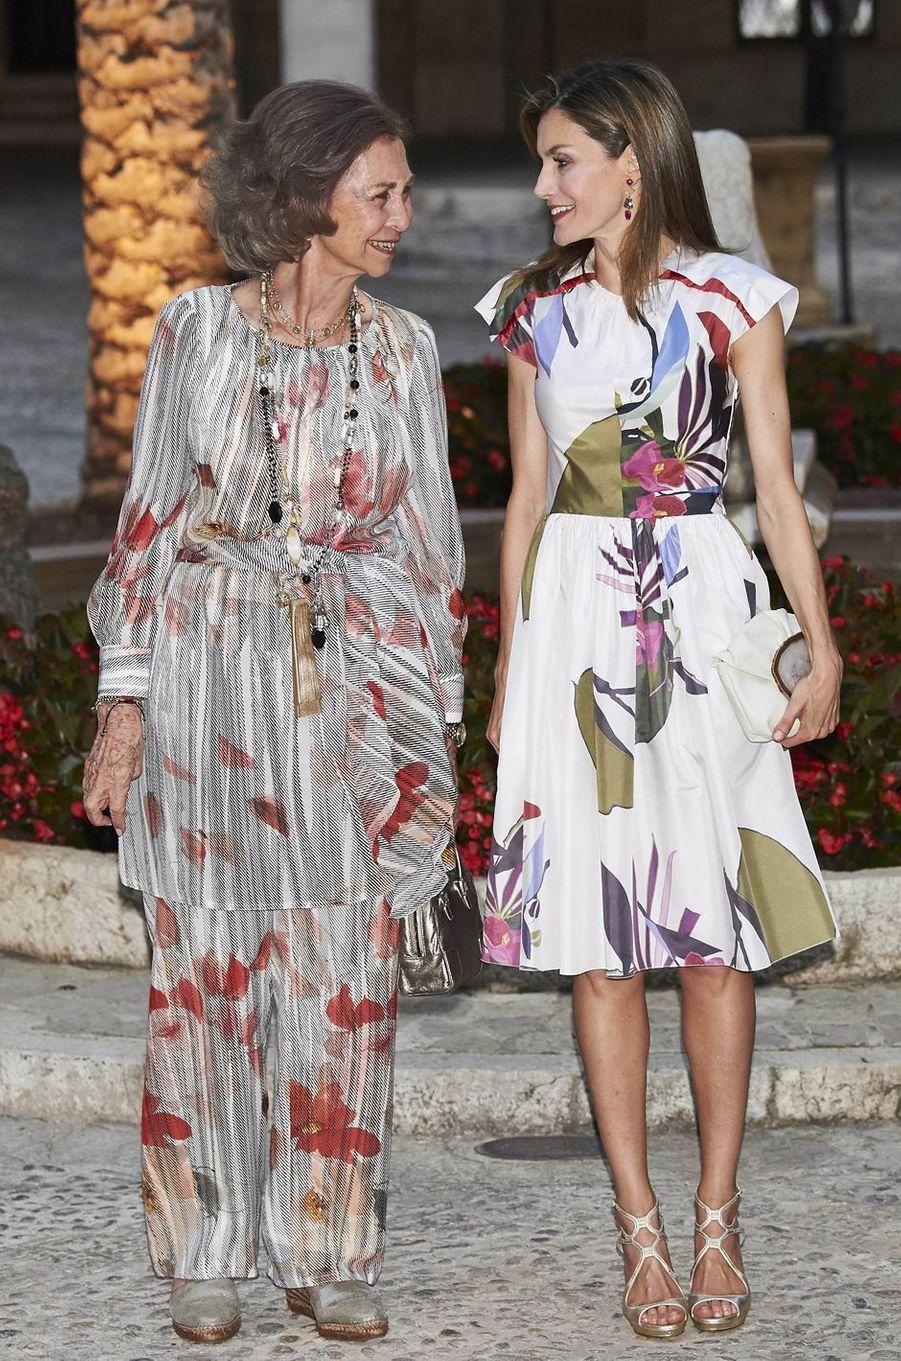 La reine Letizia d'Espagne avec l'ancienne reine Sofia à Palma de Majorque, le 7 août 2016